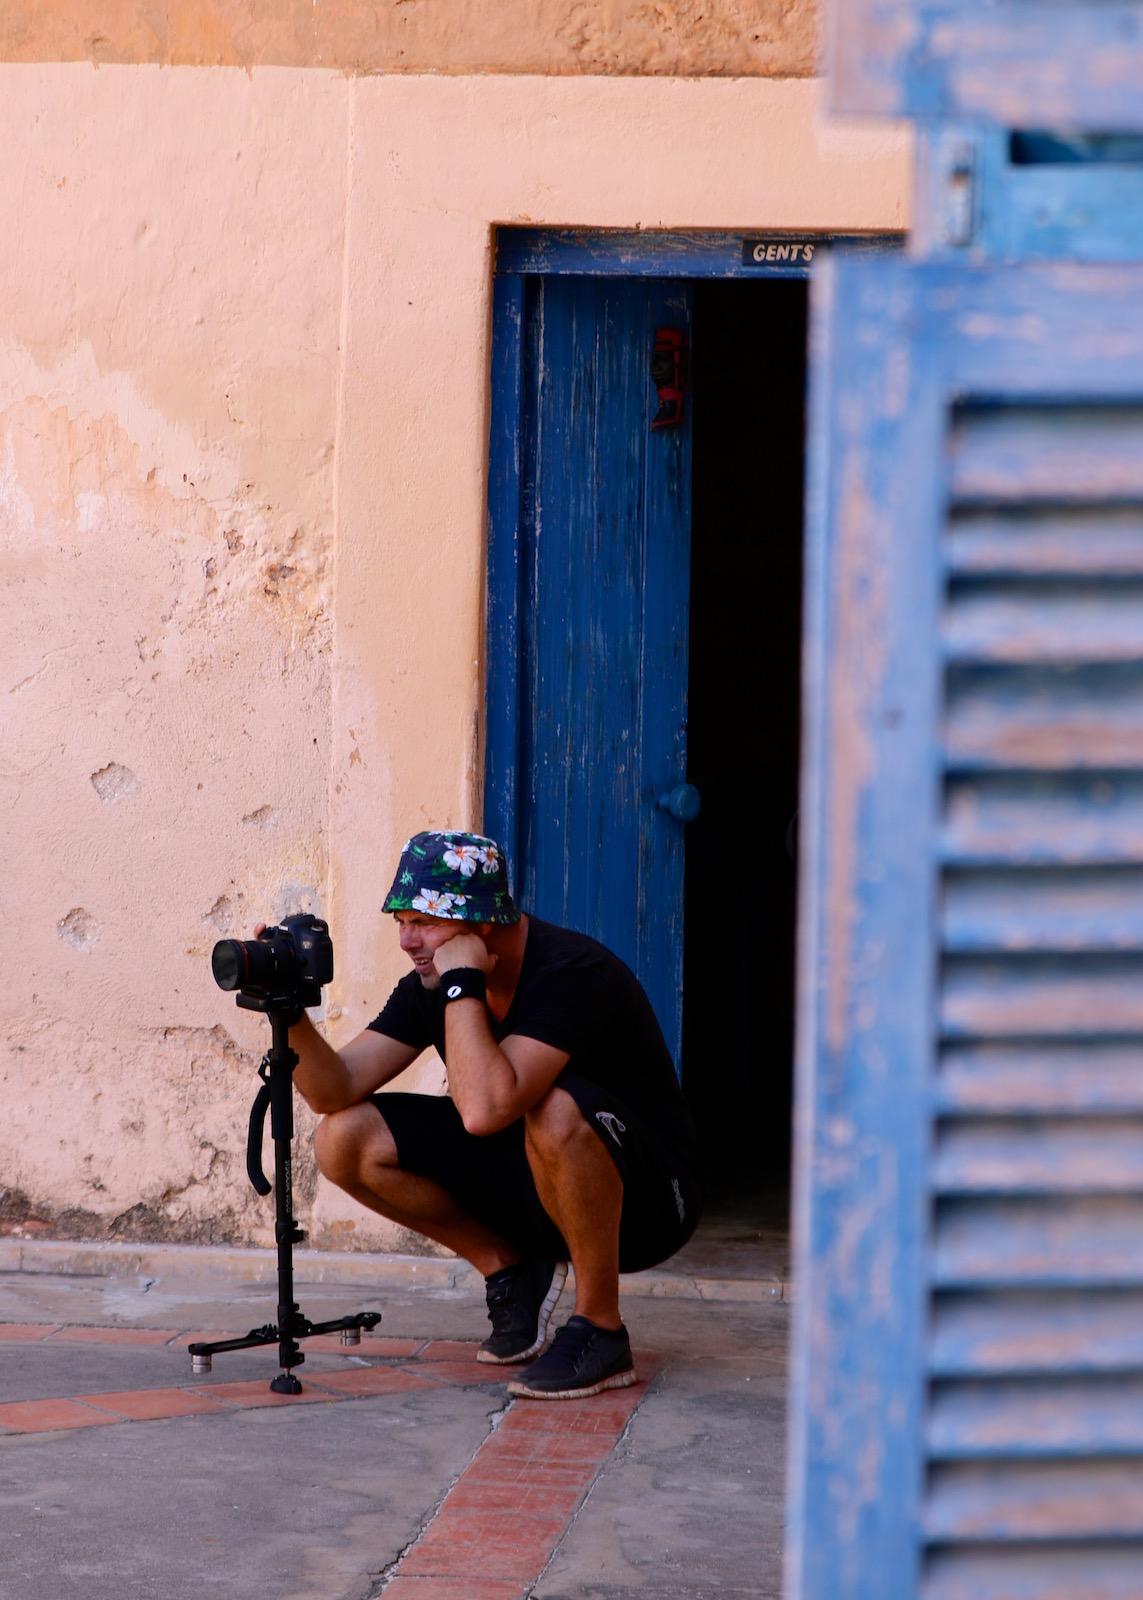 Fotoudstyr til rejse